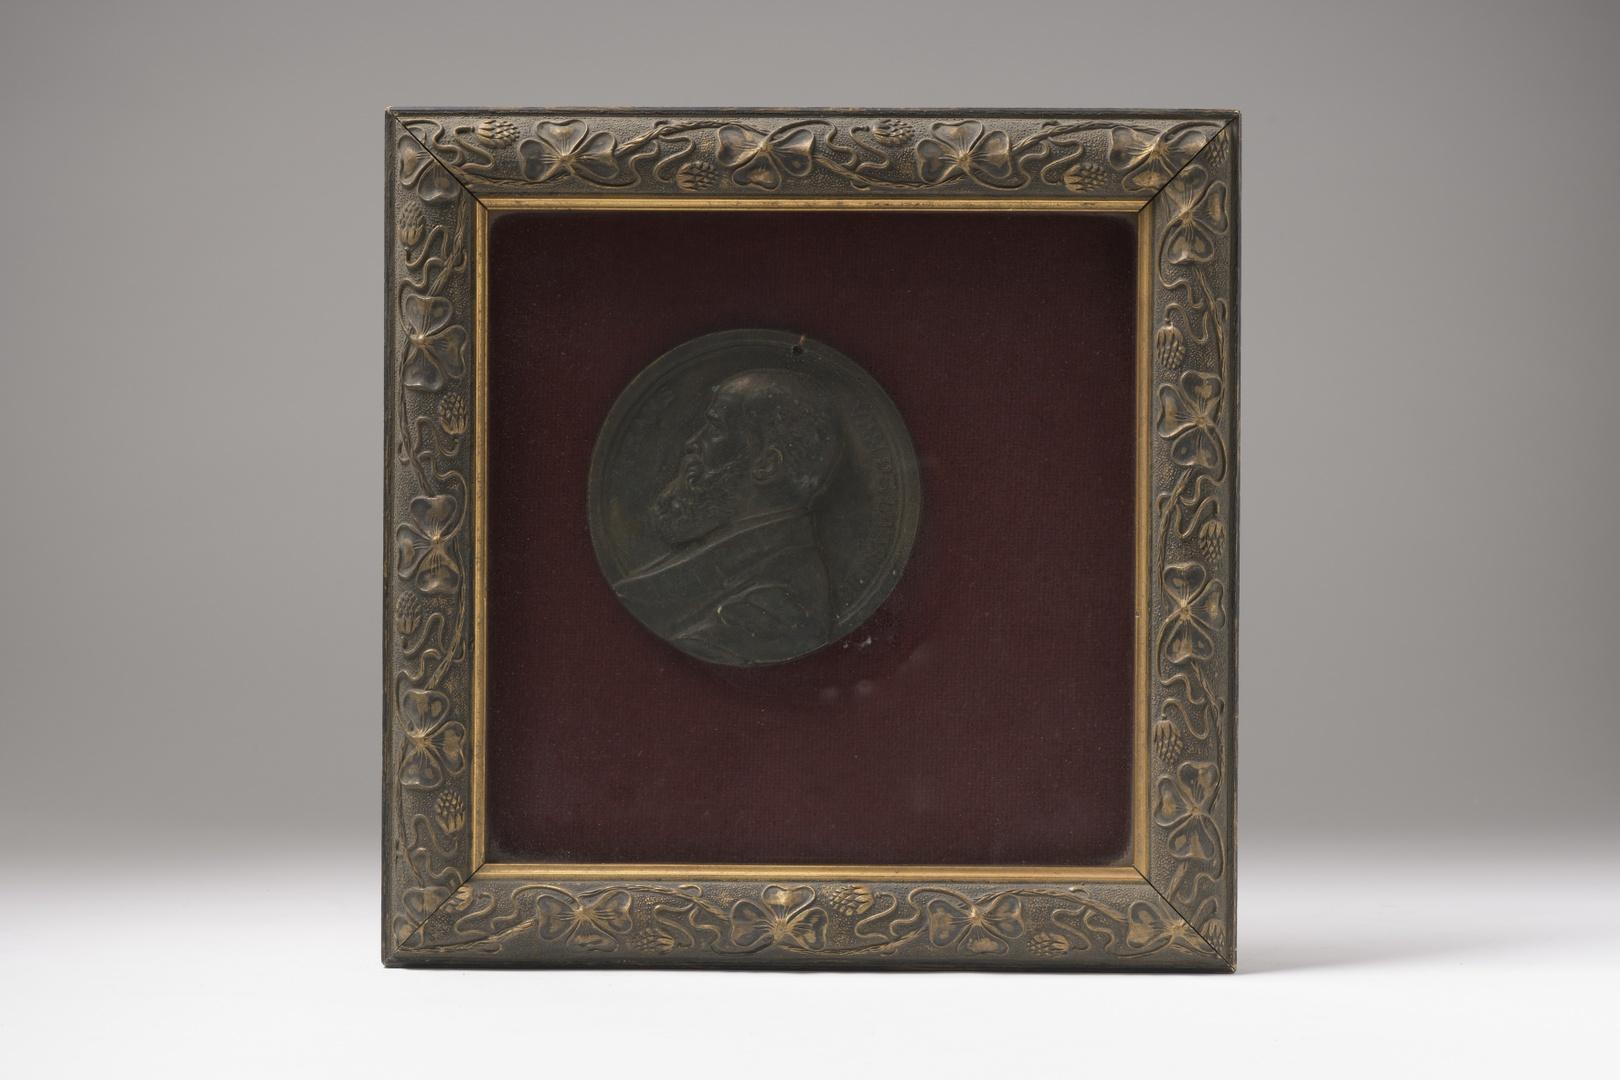 Plaquette met borstbeeld van de beeldhouwer Frans van de Laar